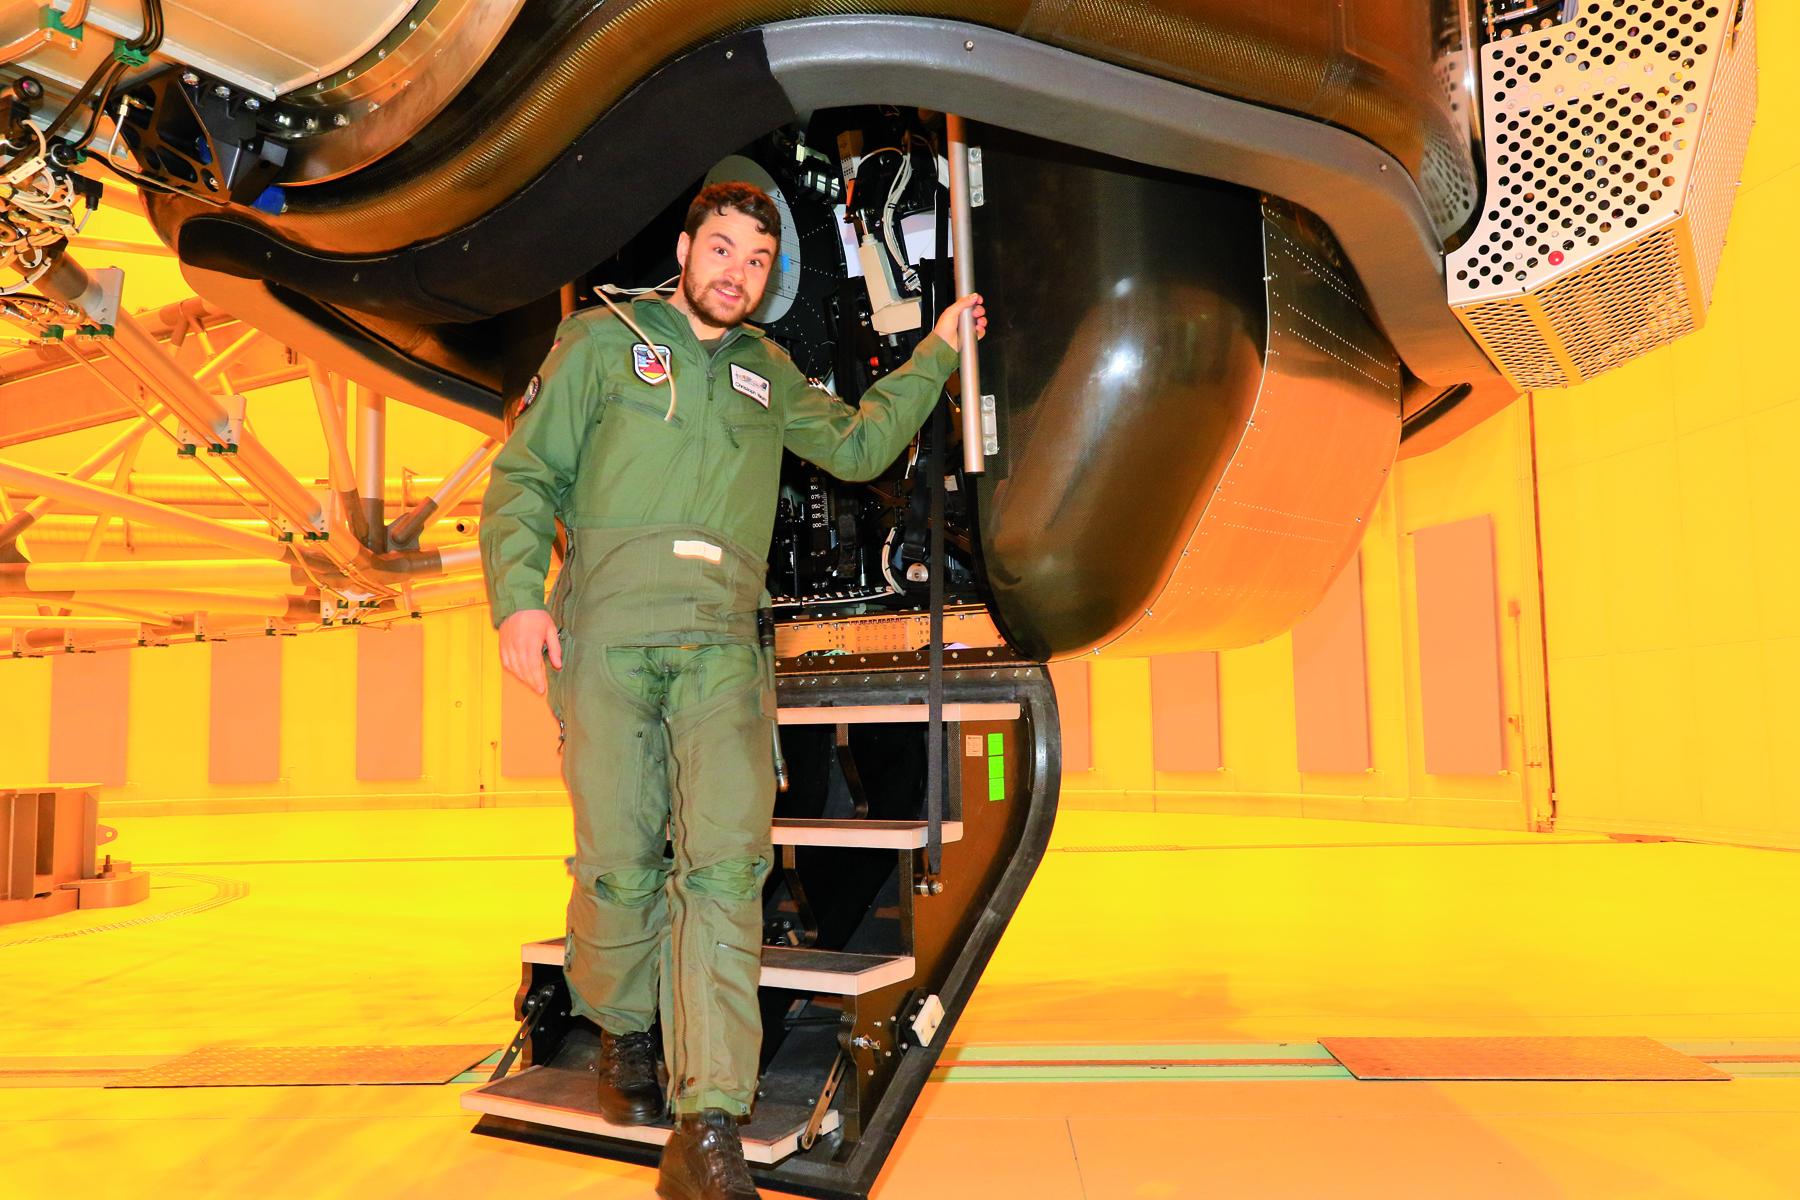 Der Belastungstest im Simulator ist für alle Jet-Piloten der Luftwaffe Pflicht. (Quelle: Luftwaffe/Ahrendt)